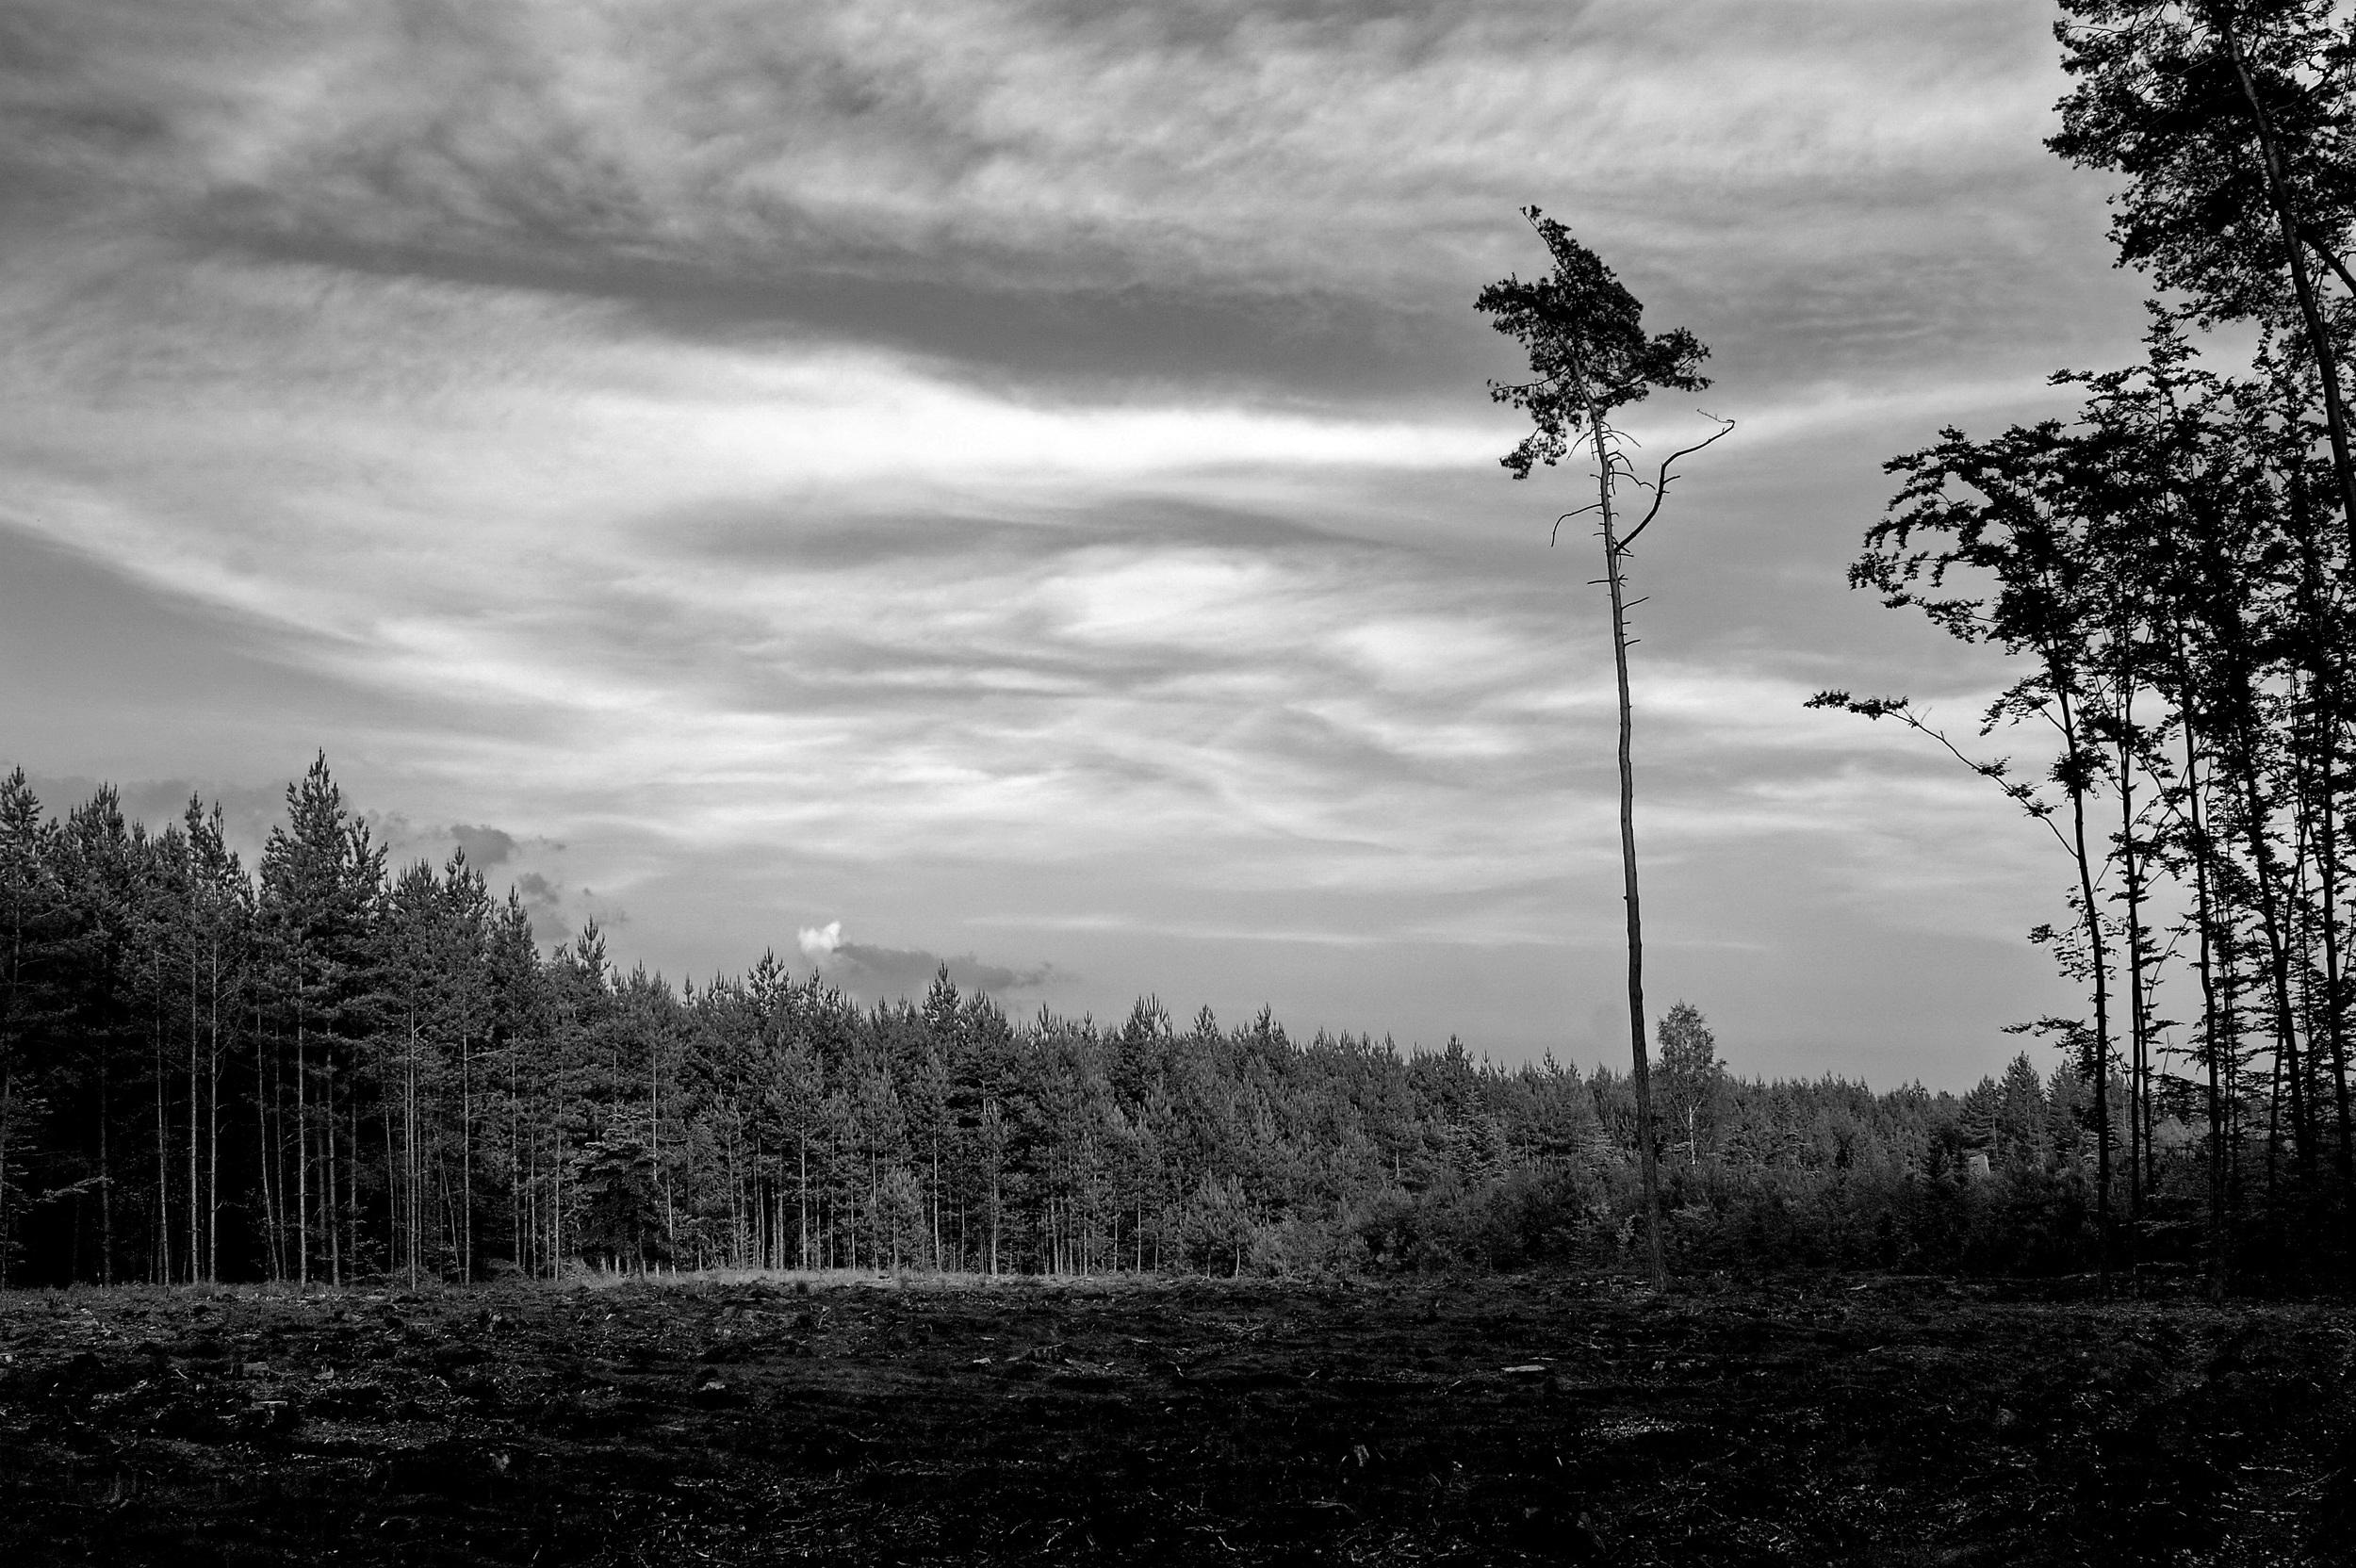 tree-felling.jpg